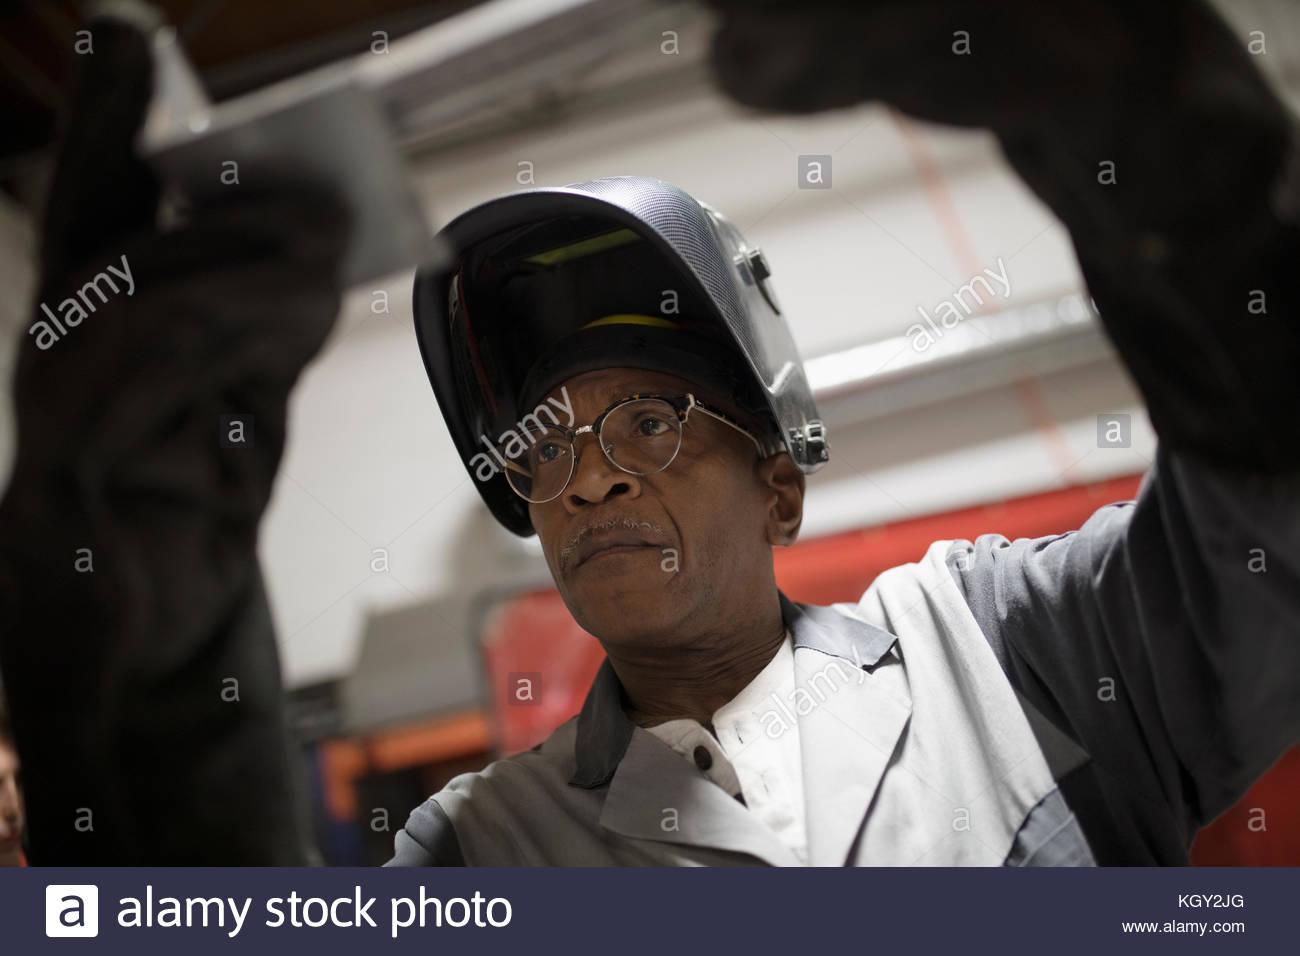 Senior saldatore maschio esaminando pezzo metallico Immagini Stock